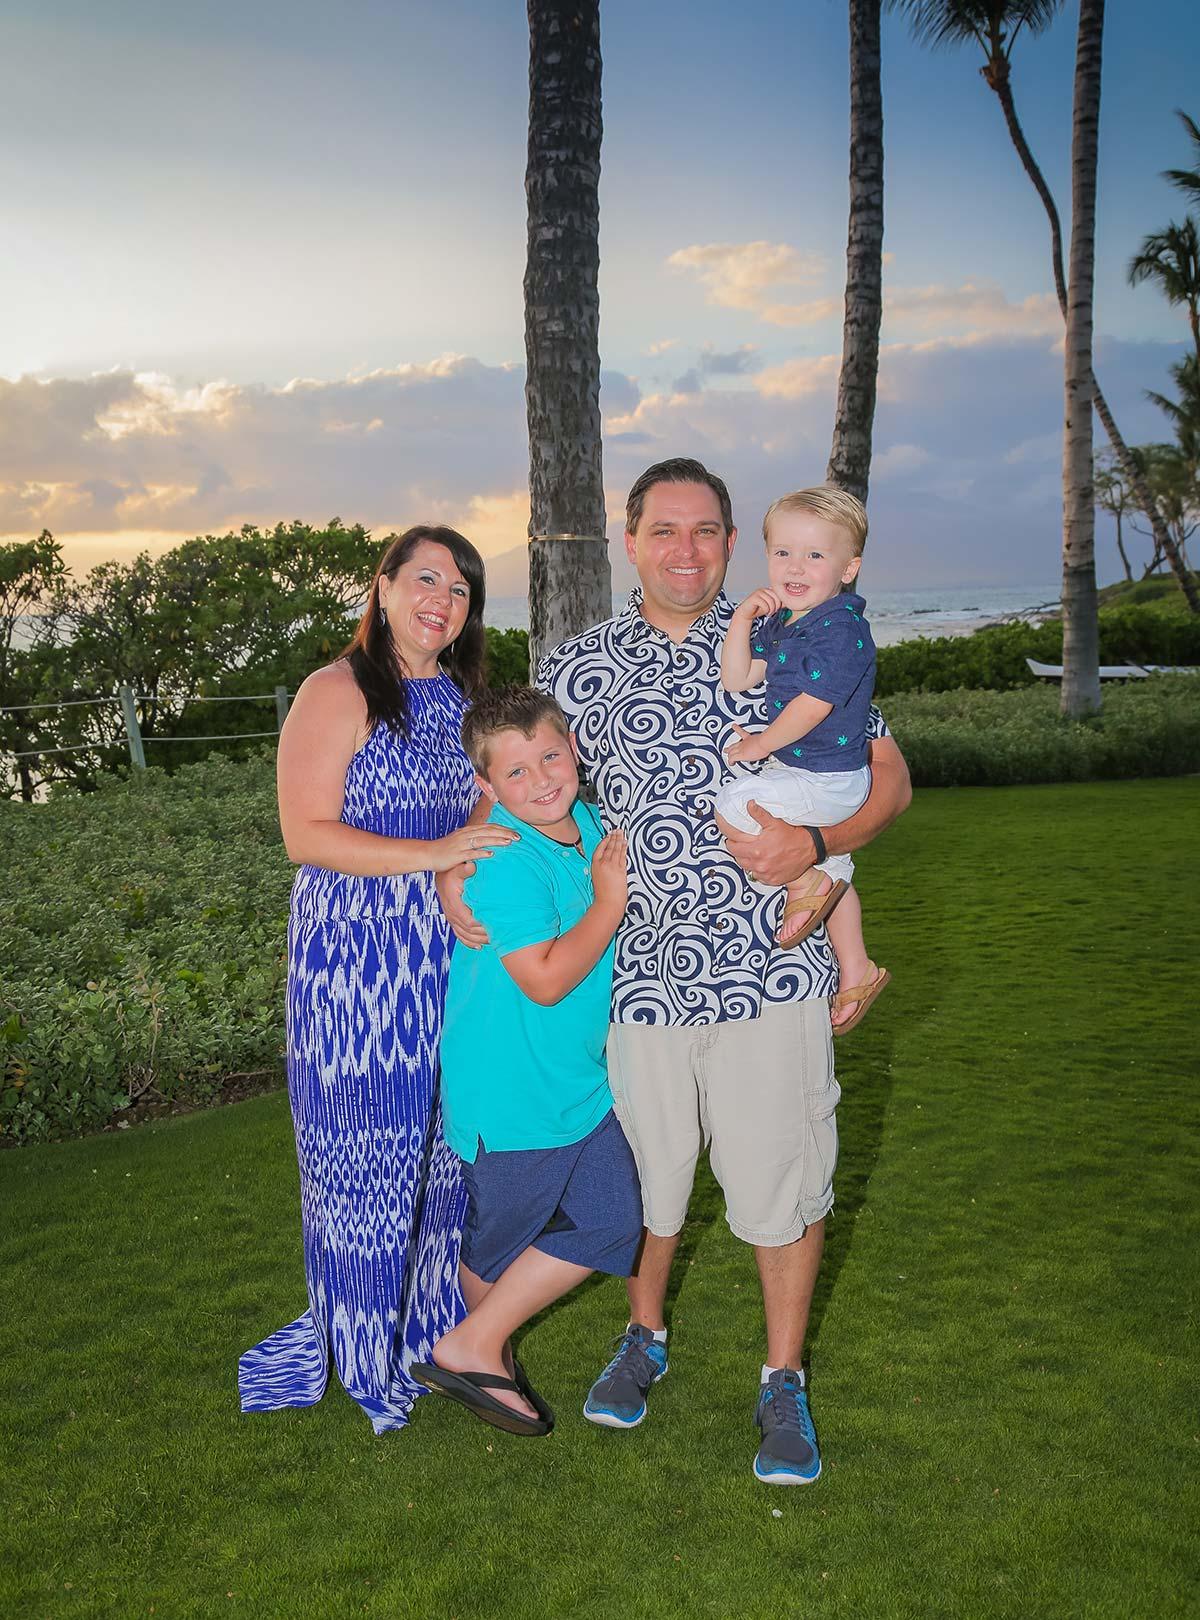 Family Vacation Photography Maui